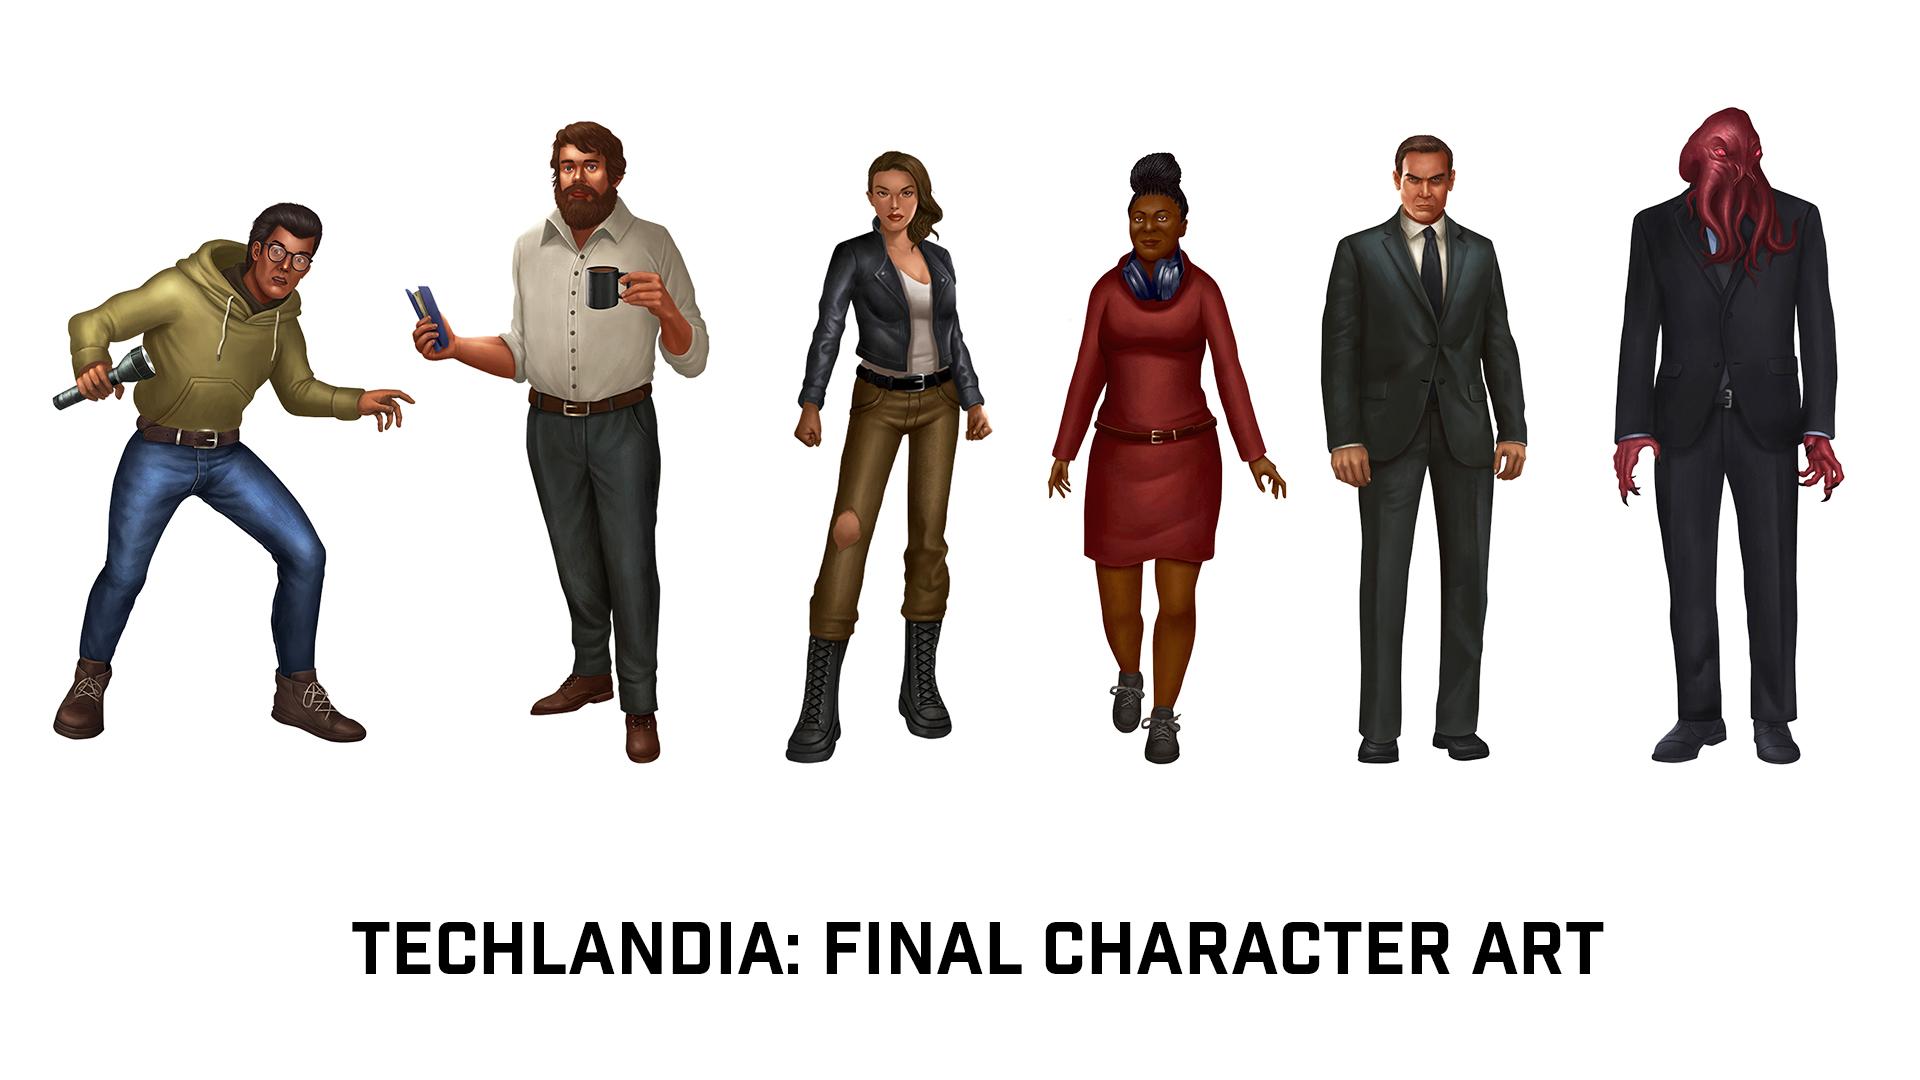 character-final-art.jpg